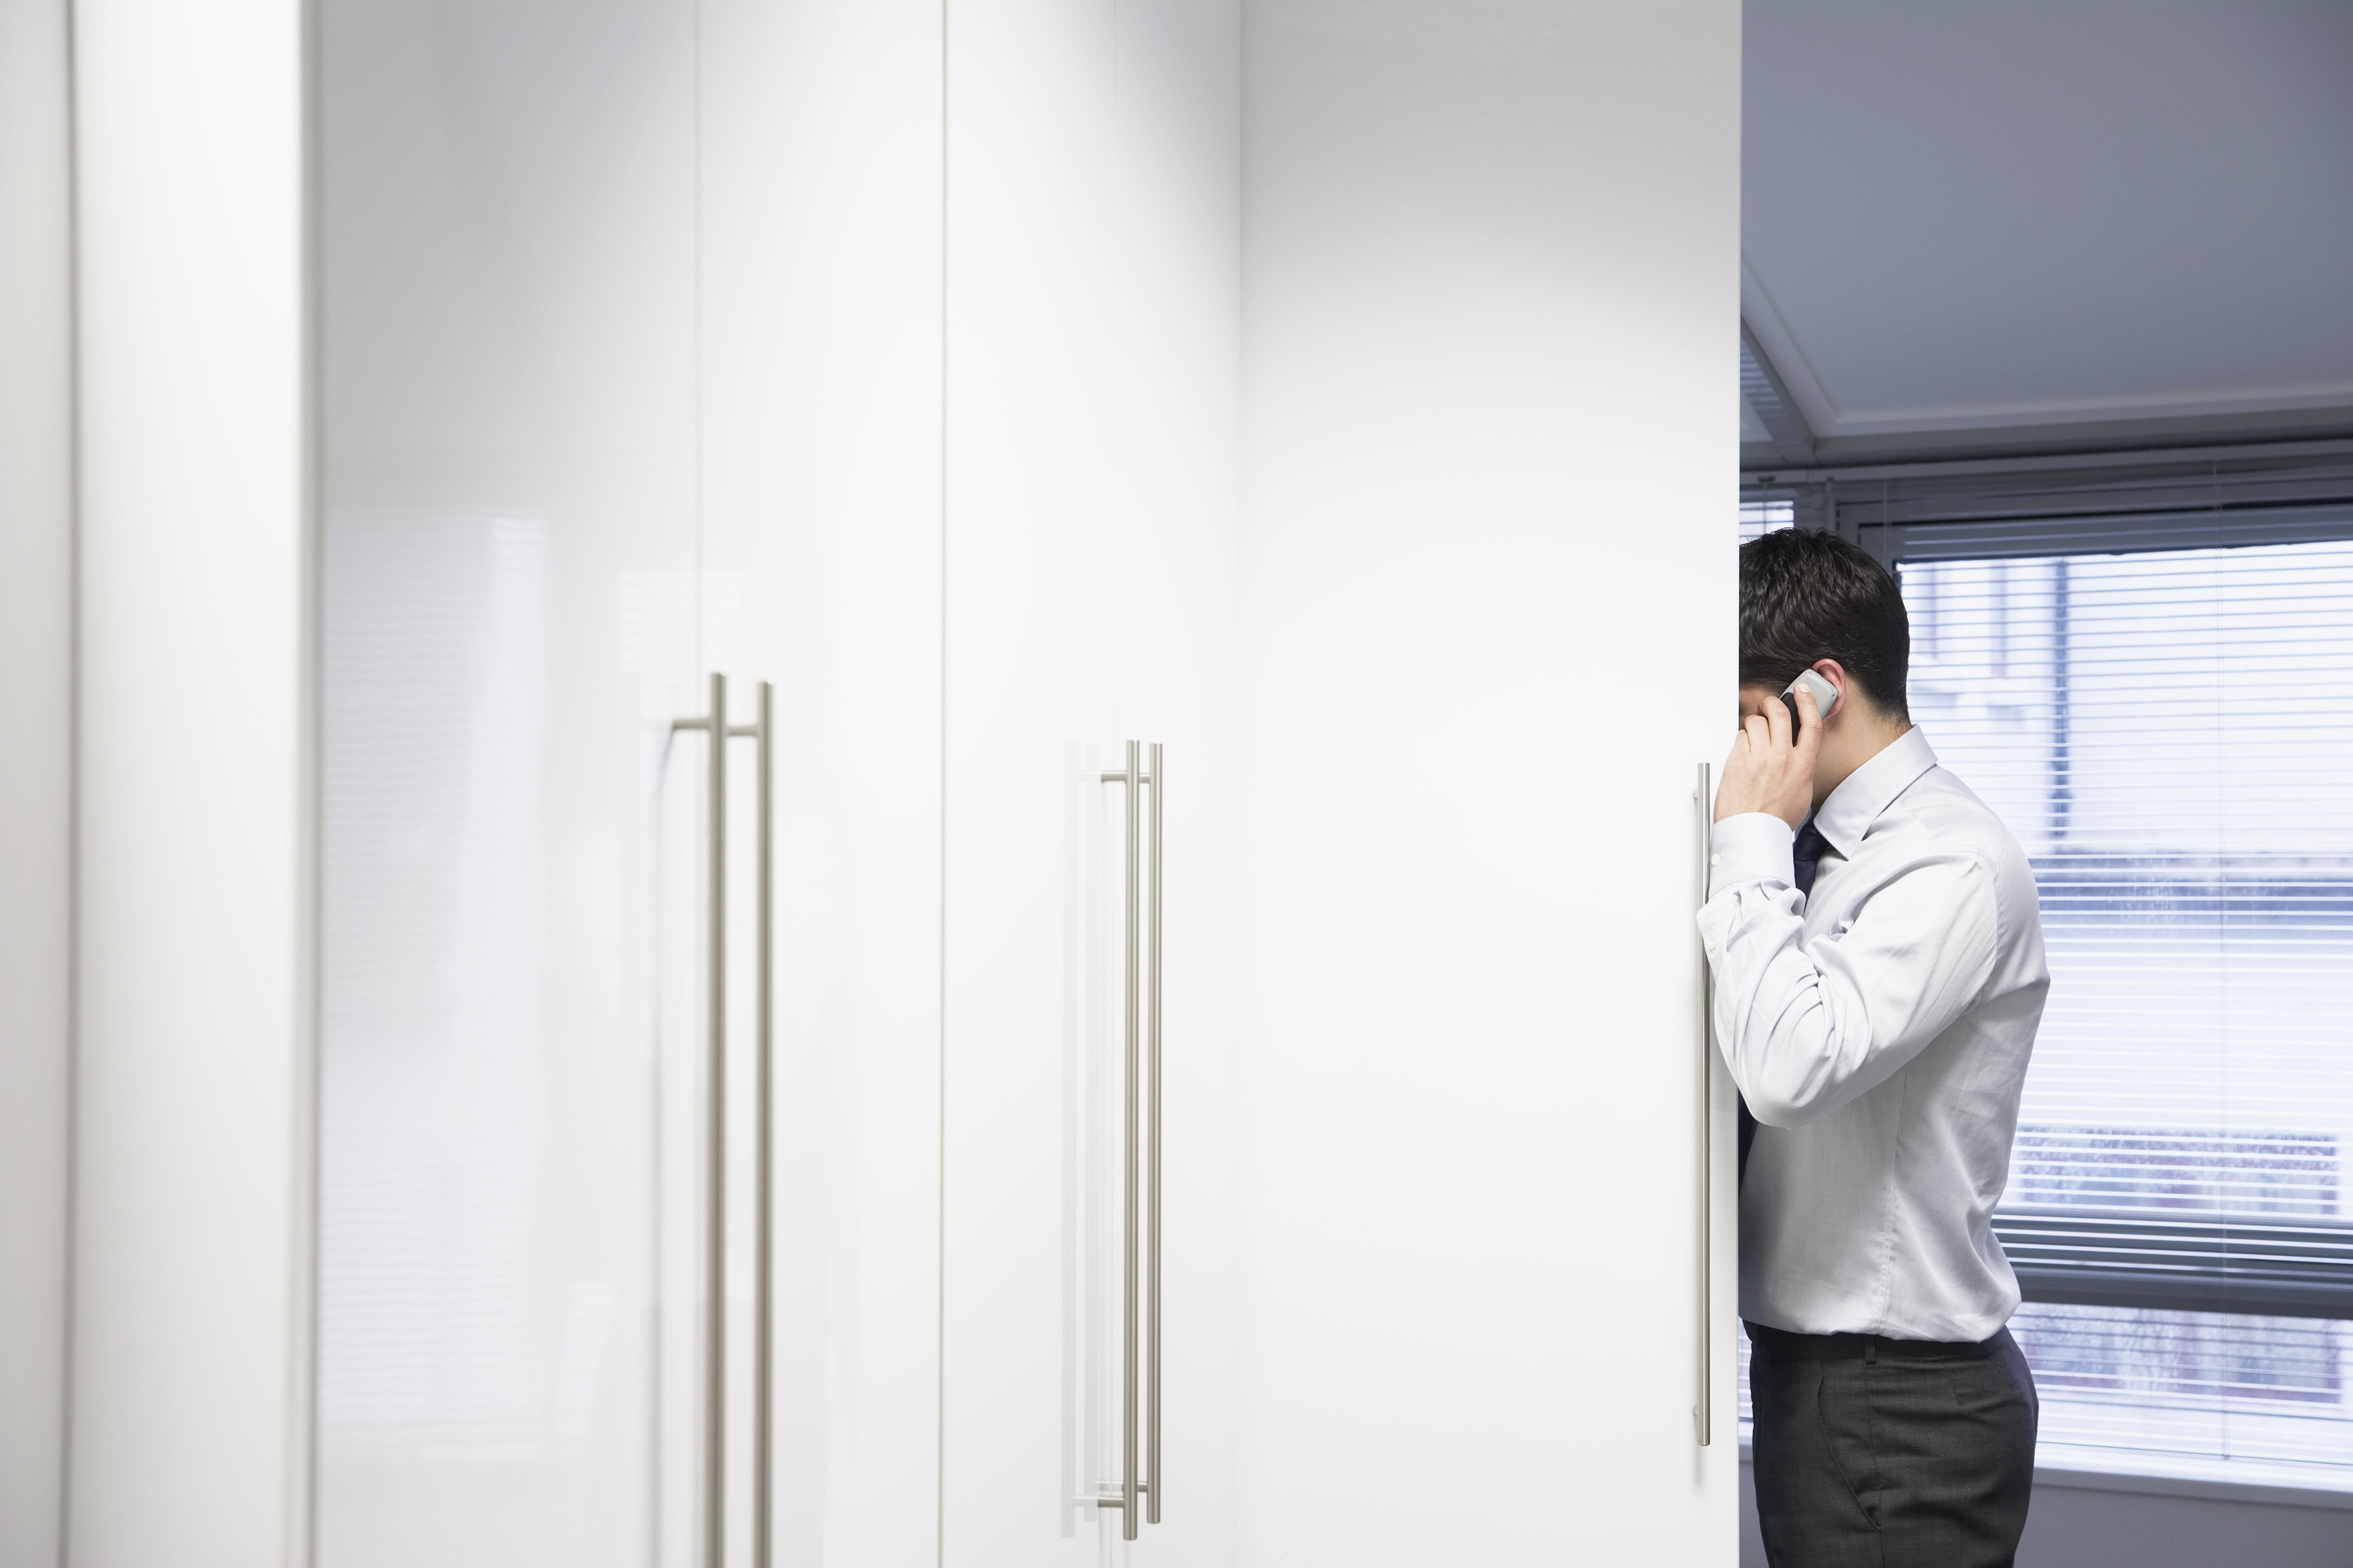 ptsd help goole yorkshire hiding behind door